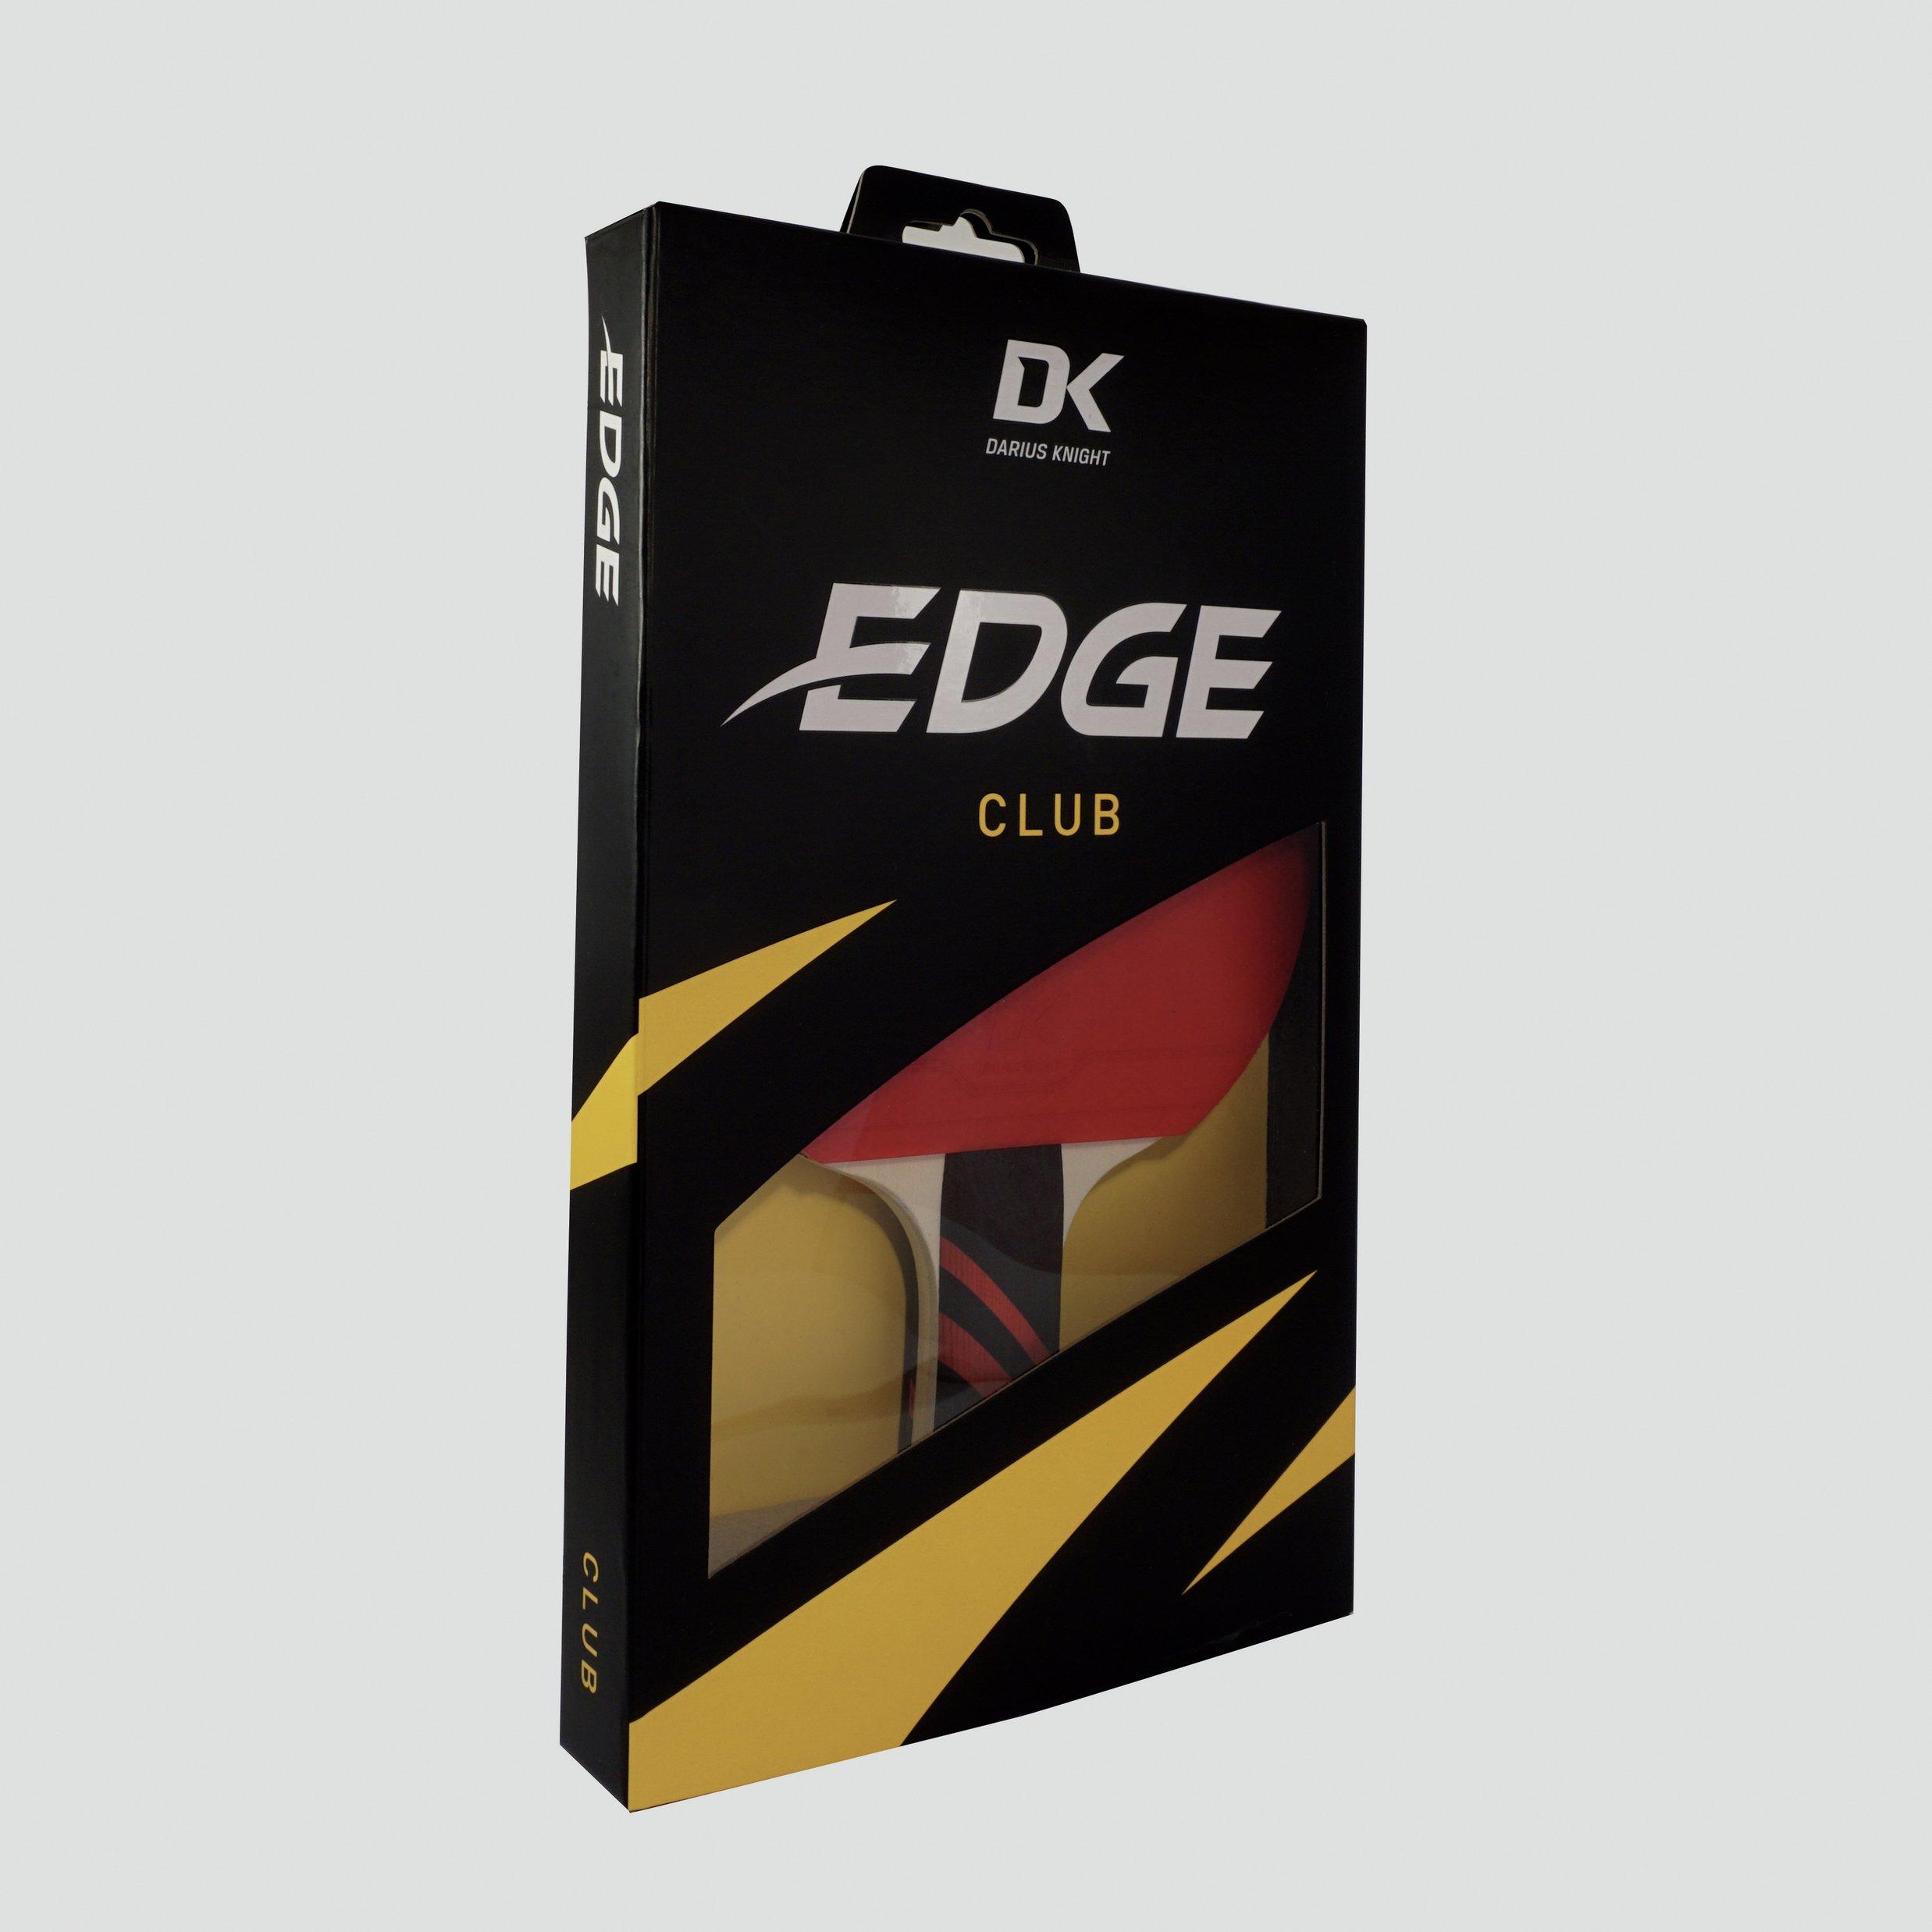 DK Edge Club Table Tennis Bat